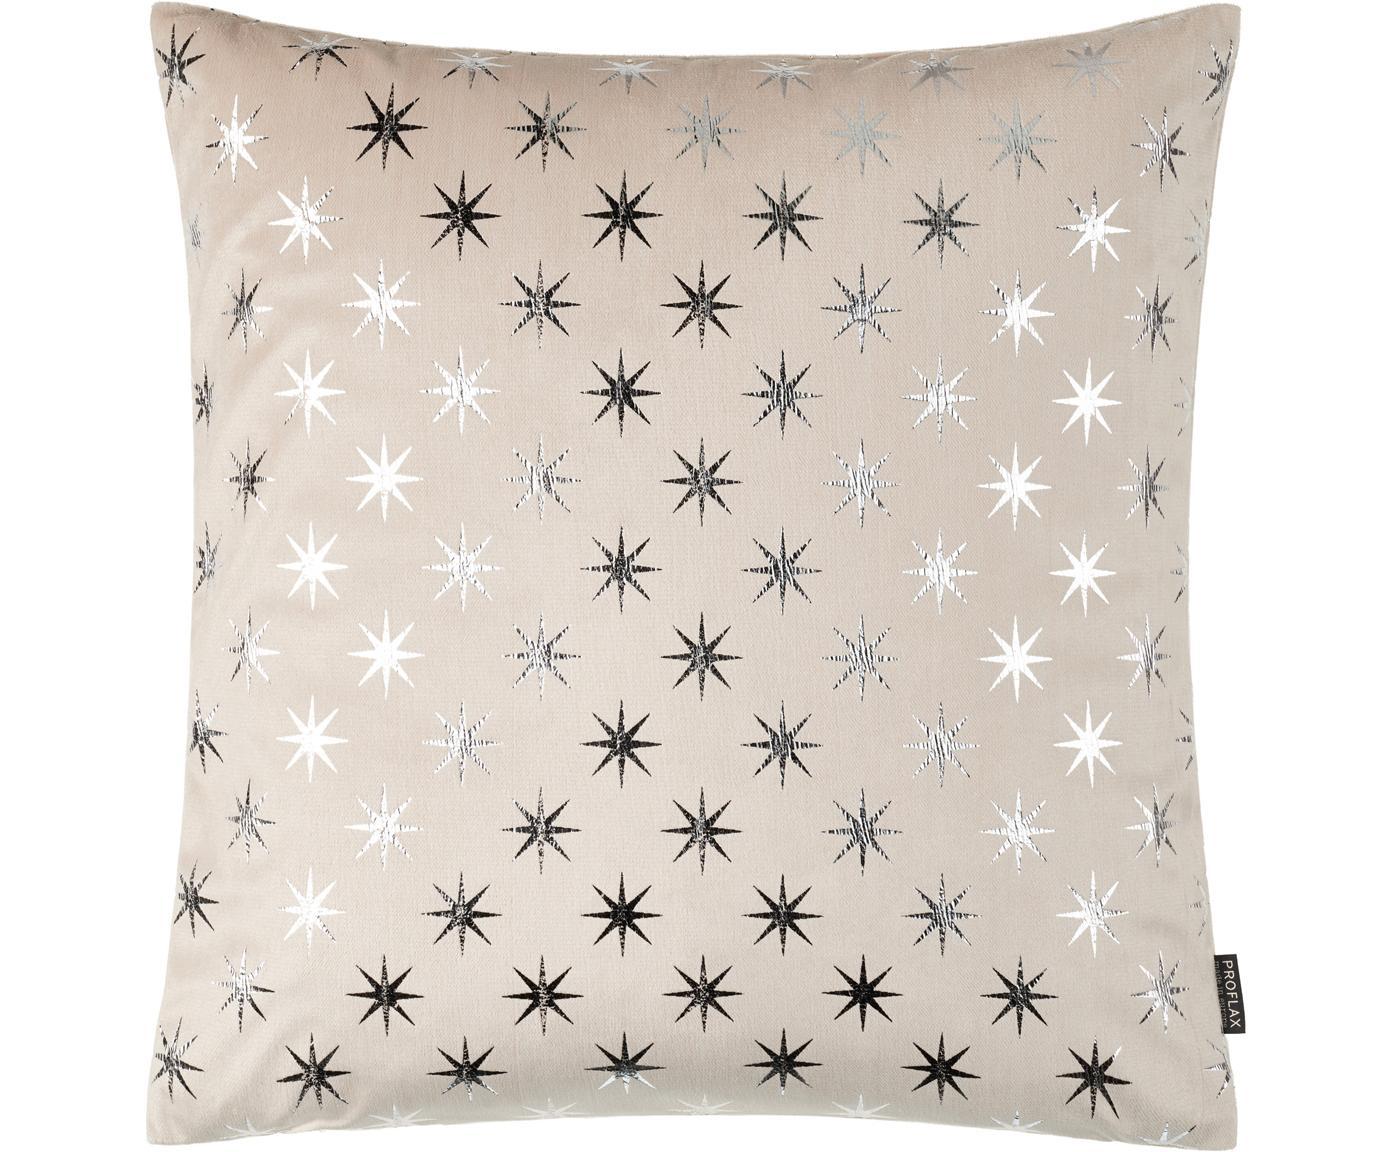 Federa arredo con motivo a stelle Cosmos, Poliestere, Sabbia, argento, Larg. 40 x Lung. 40 cm